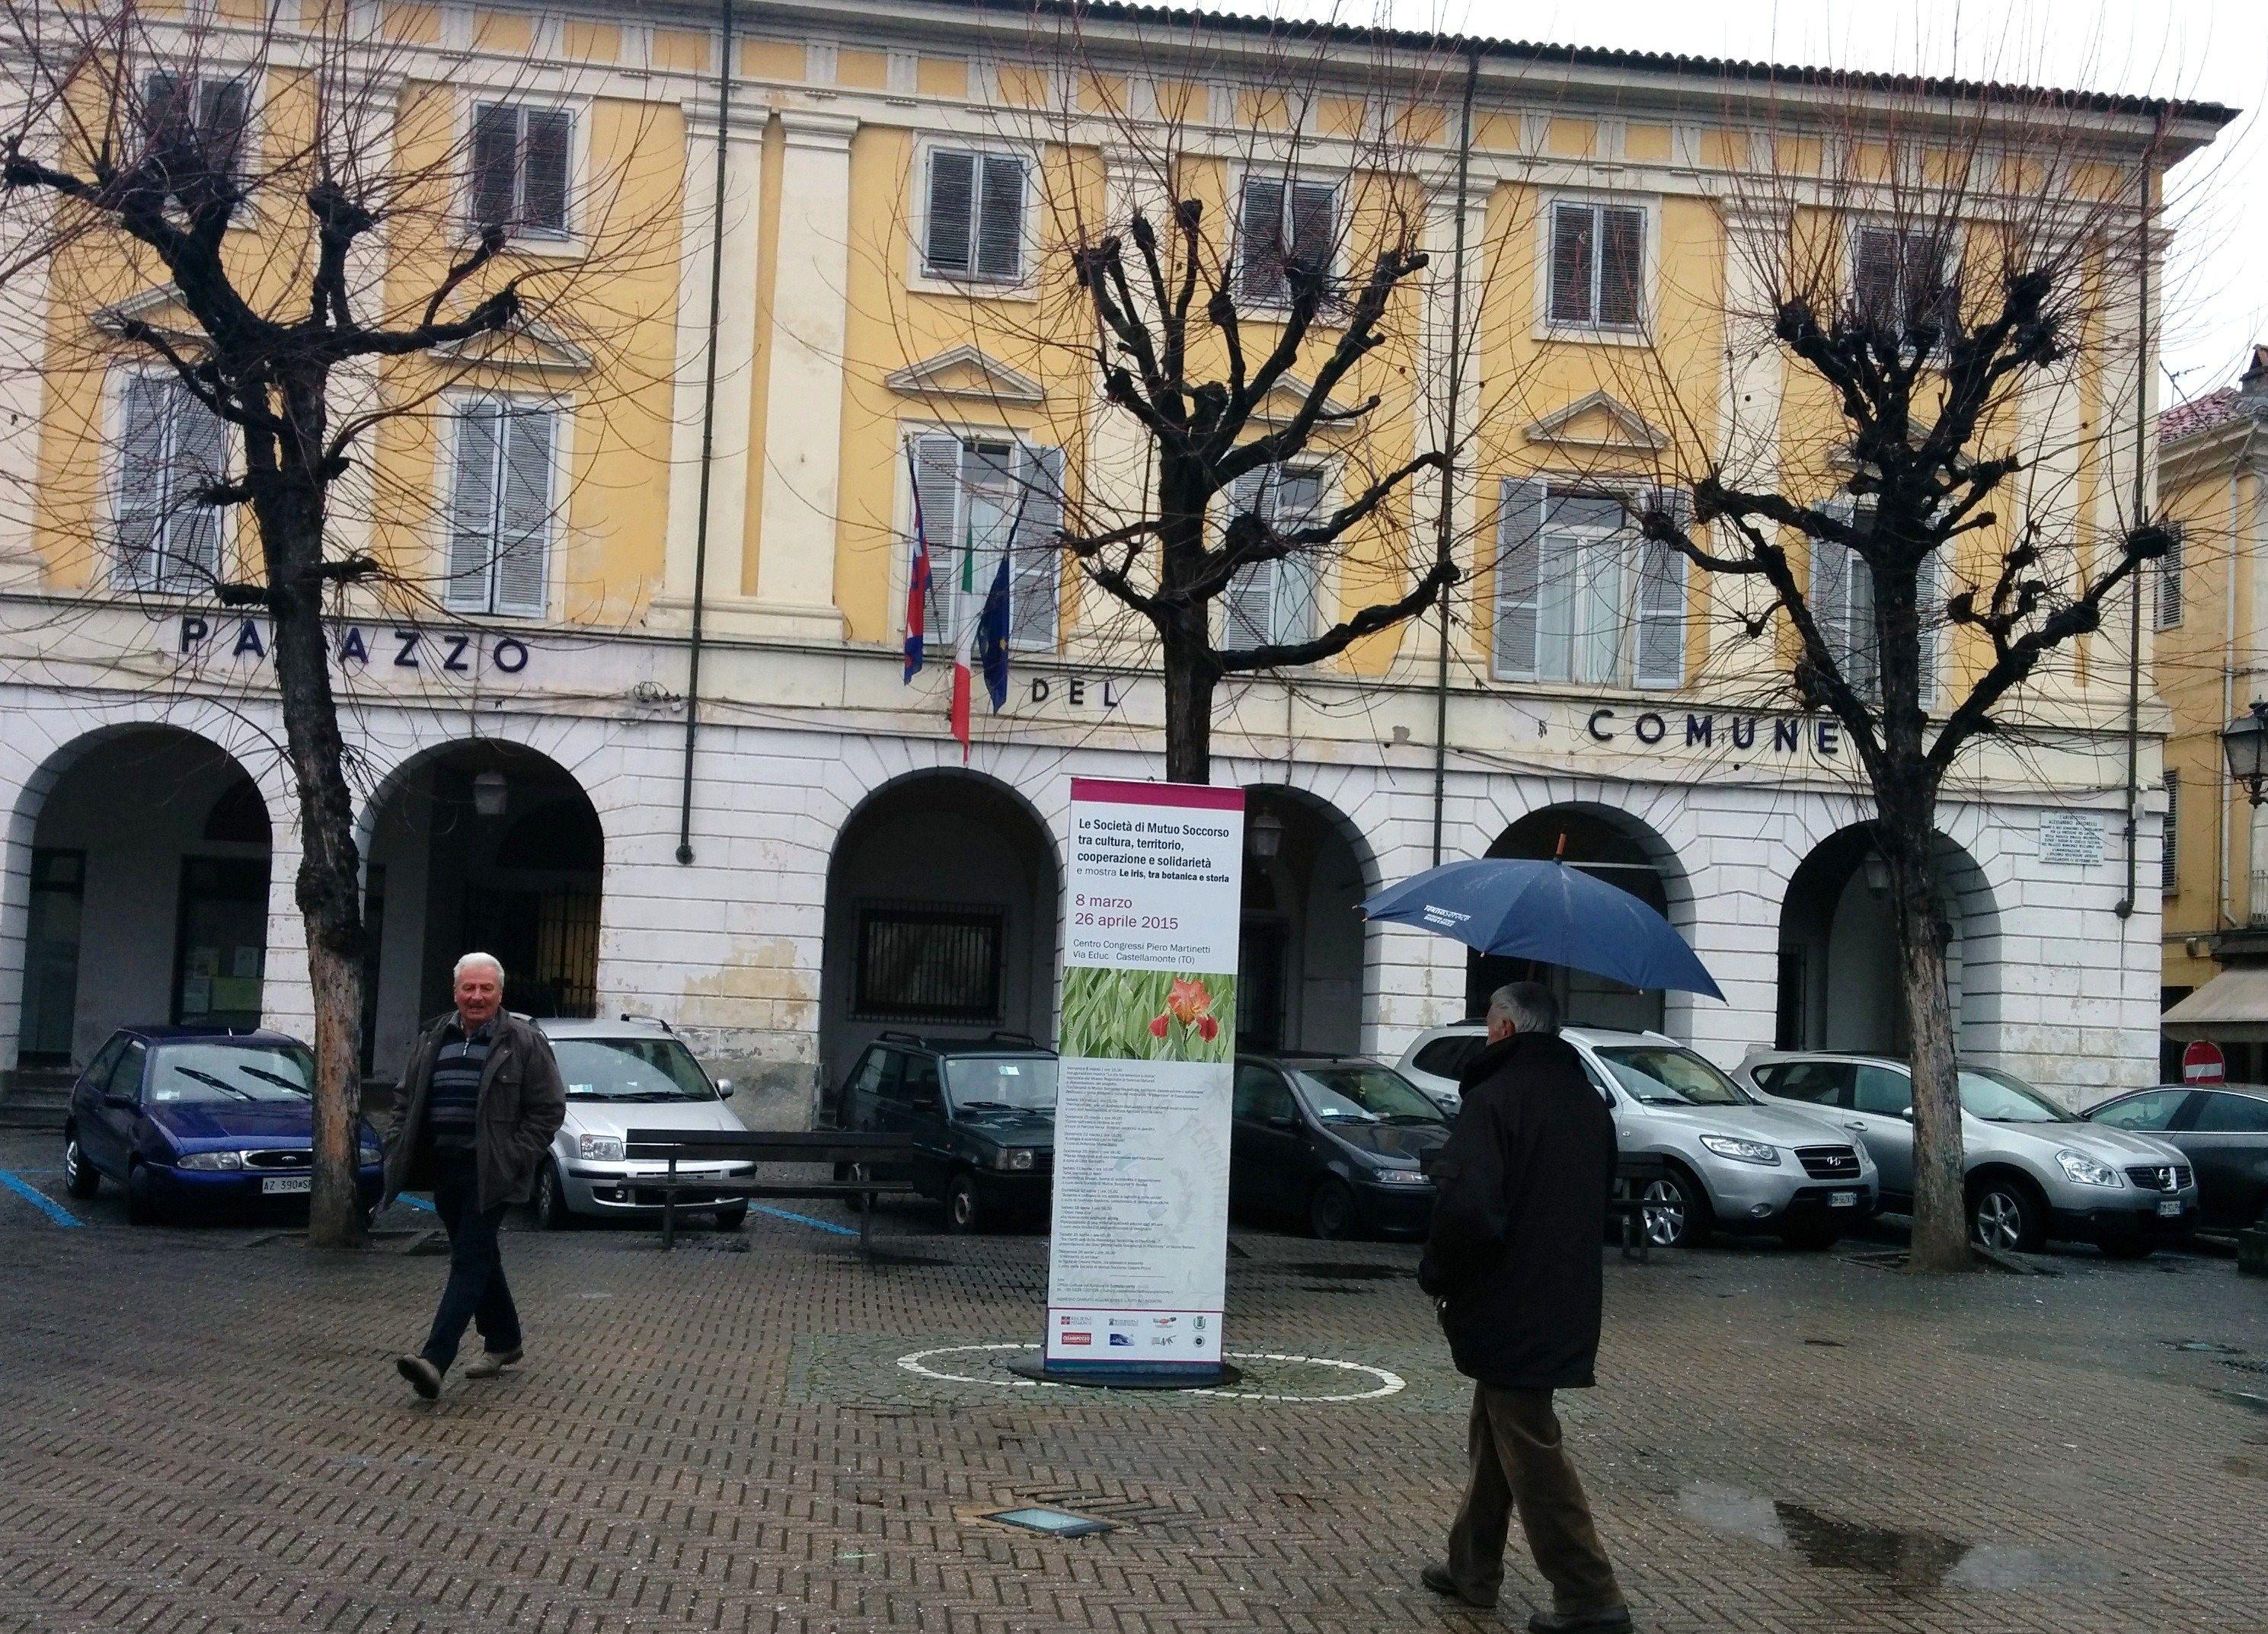 CASTELLAMONTE - Incentivi per chi ristruttura o costruisce edifici a basso consumo energetico